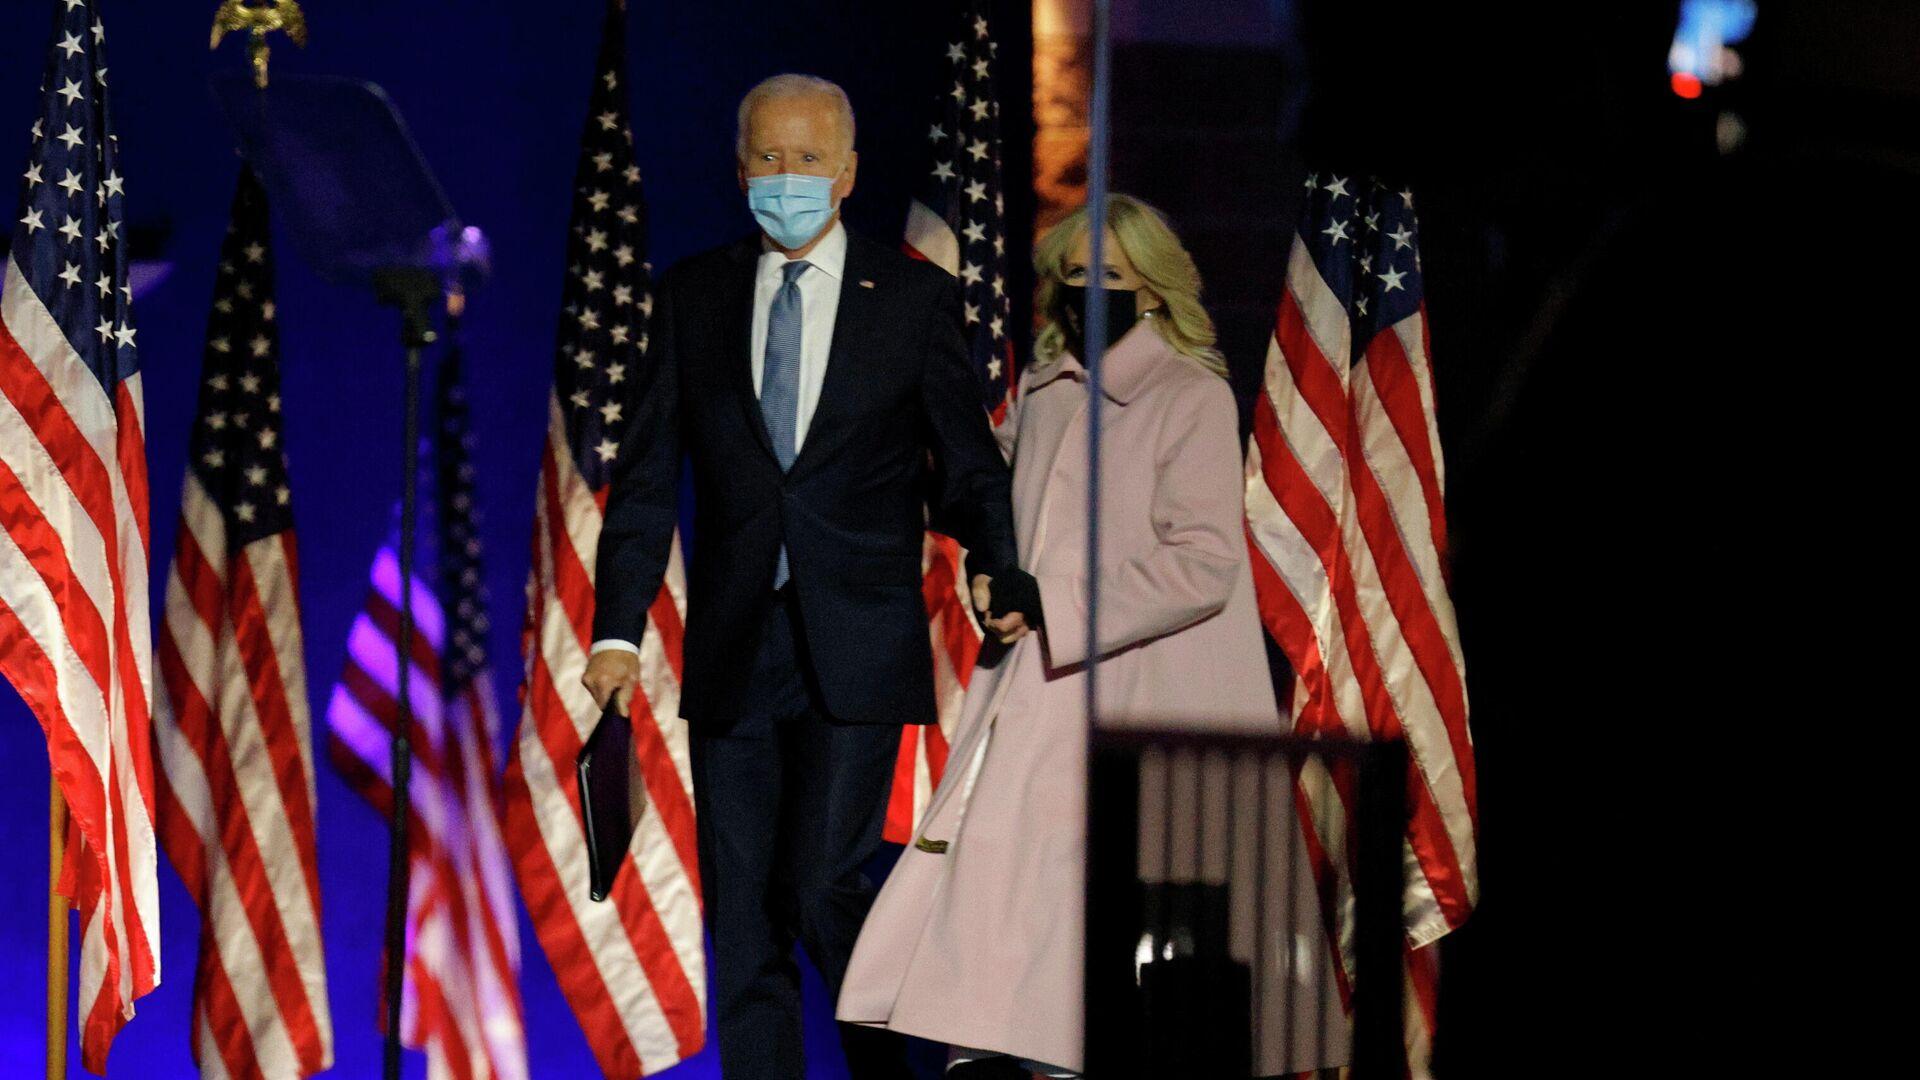 Кандидат в президенты США Джо Байден во время выступления в Уилмингтоне - РИА Новости, 1920, 04.11.2020